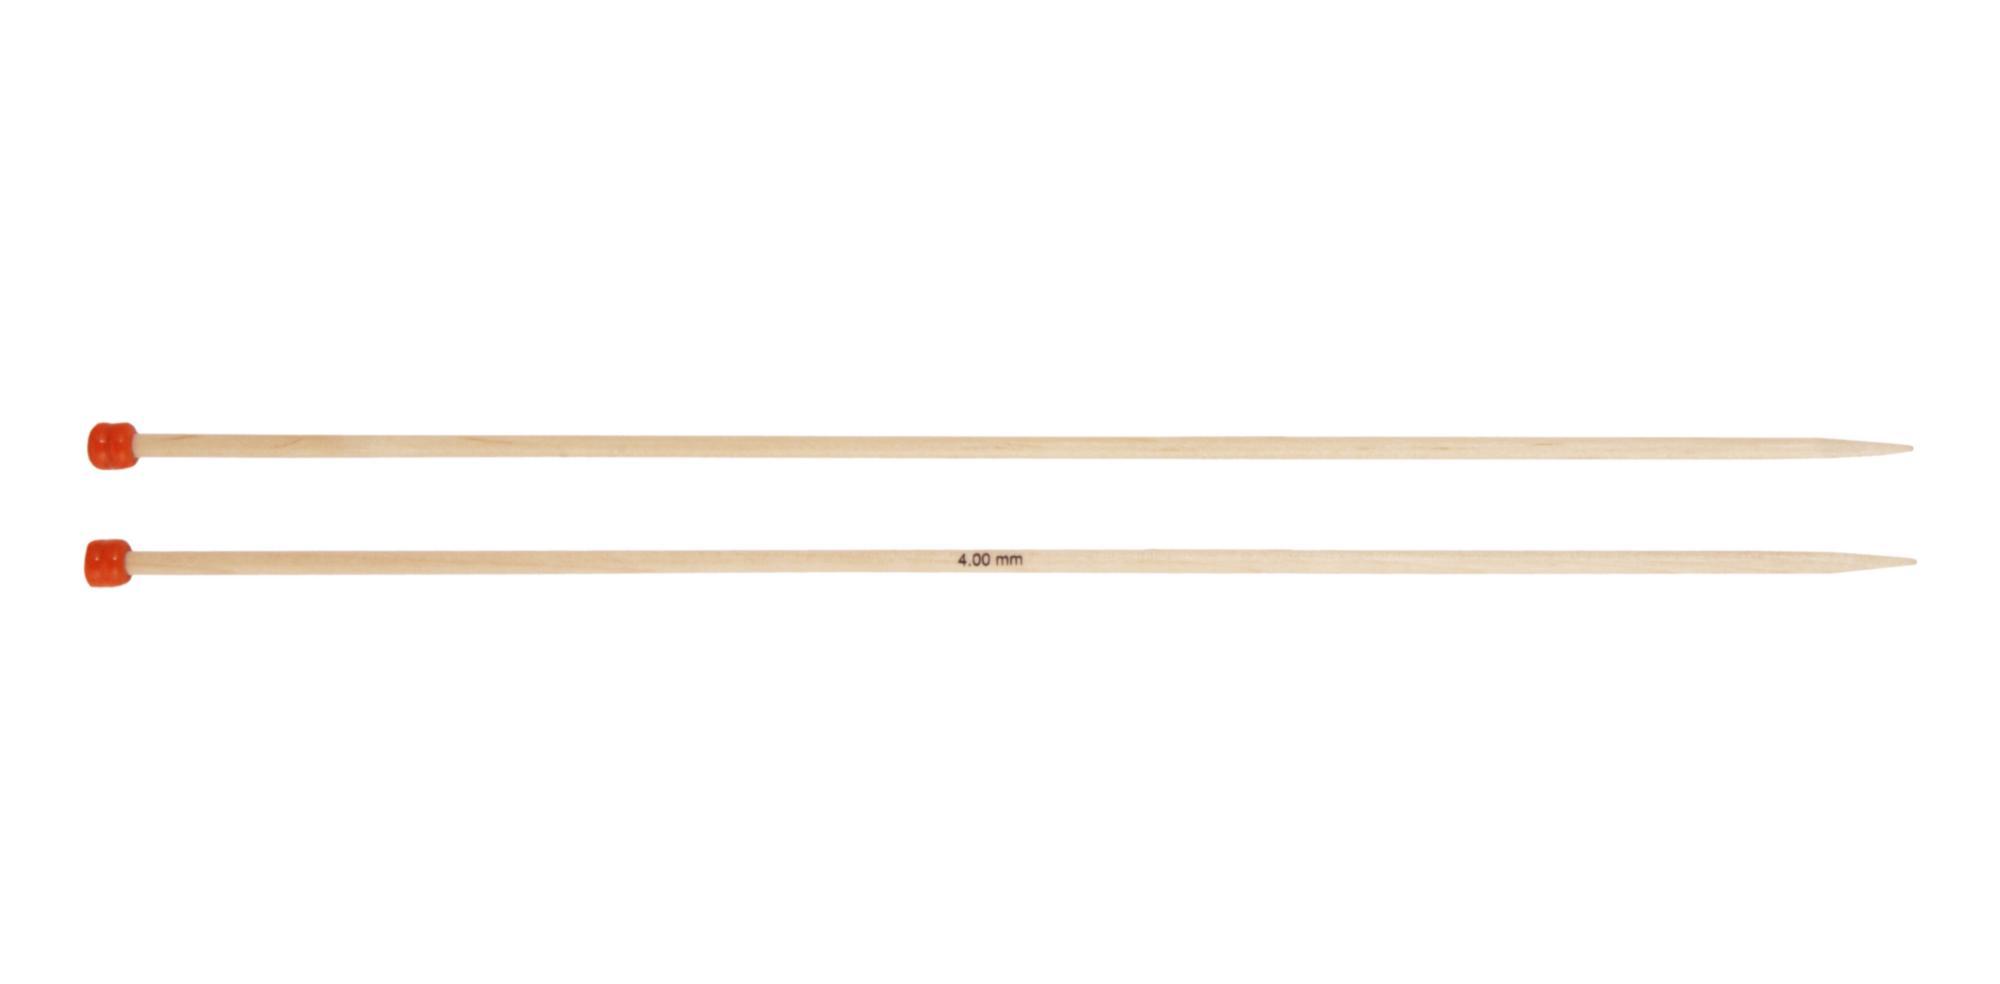 Спицы прямые 30 см Basix Birch Wood KnitPro, 35434, 4.00 мм